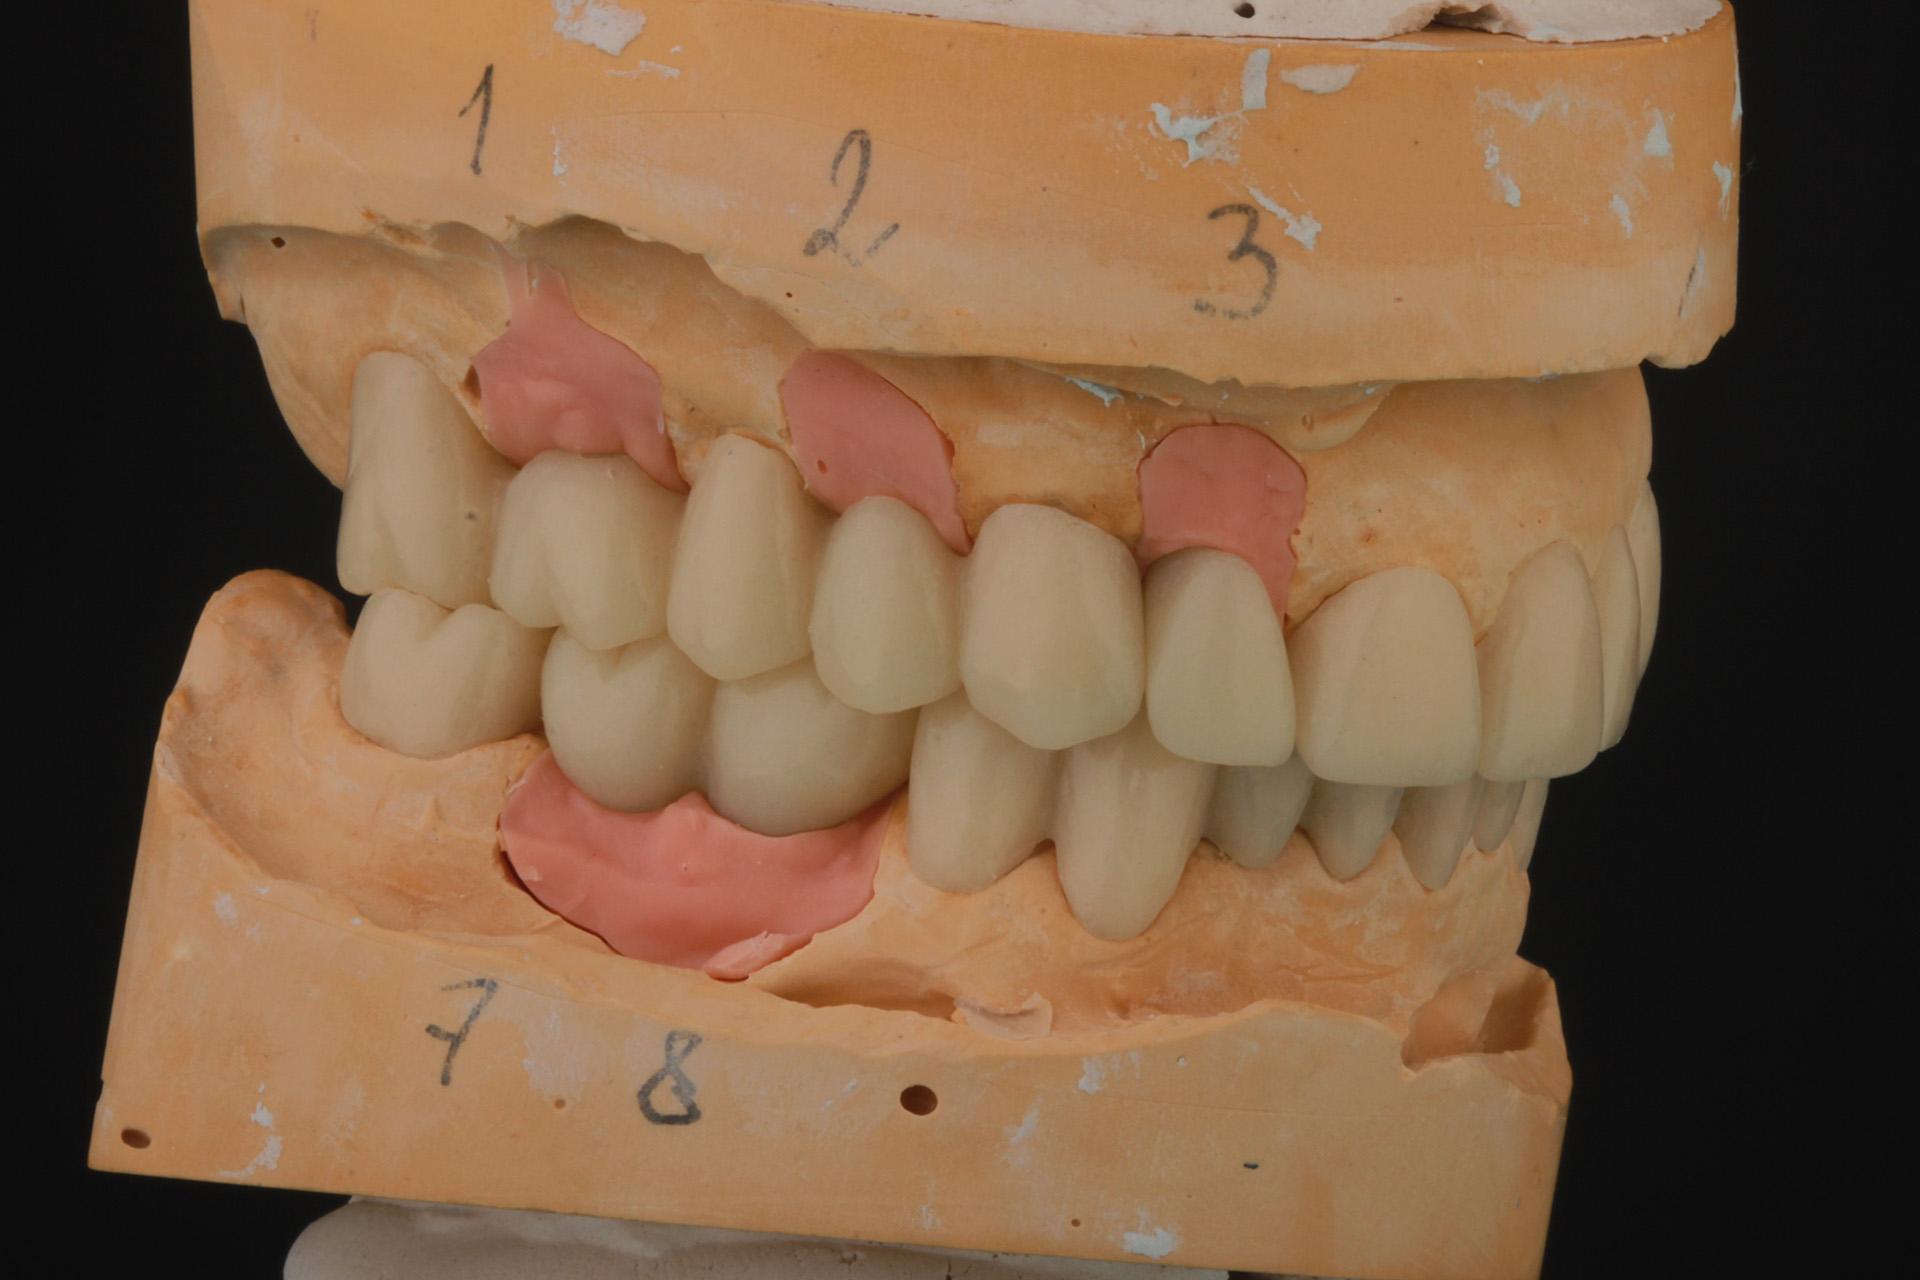 Вторая серия лечебных пластмассовых коронок, изготавливаемых после приживления имплантантов.